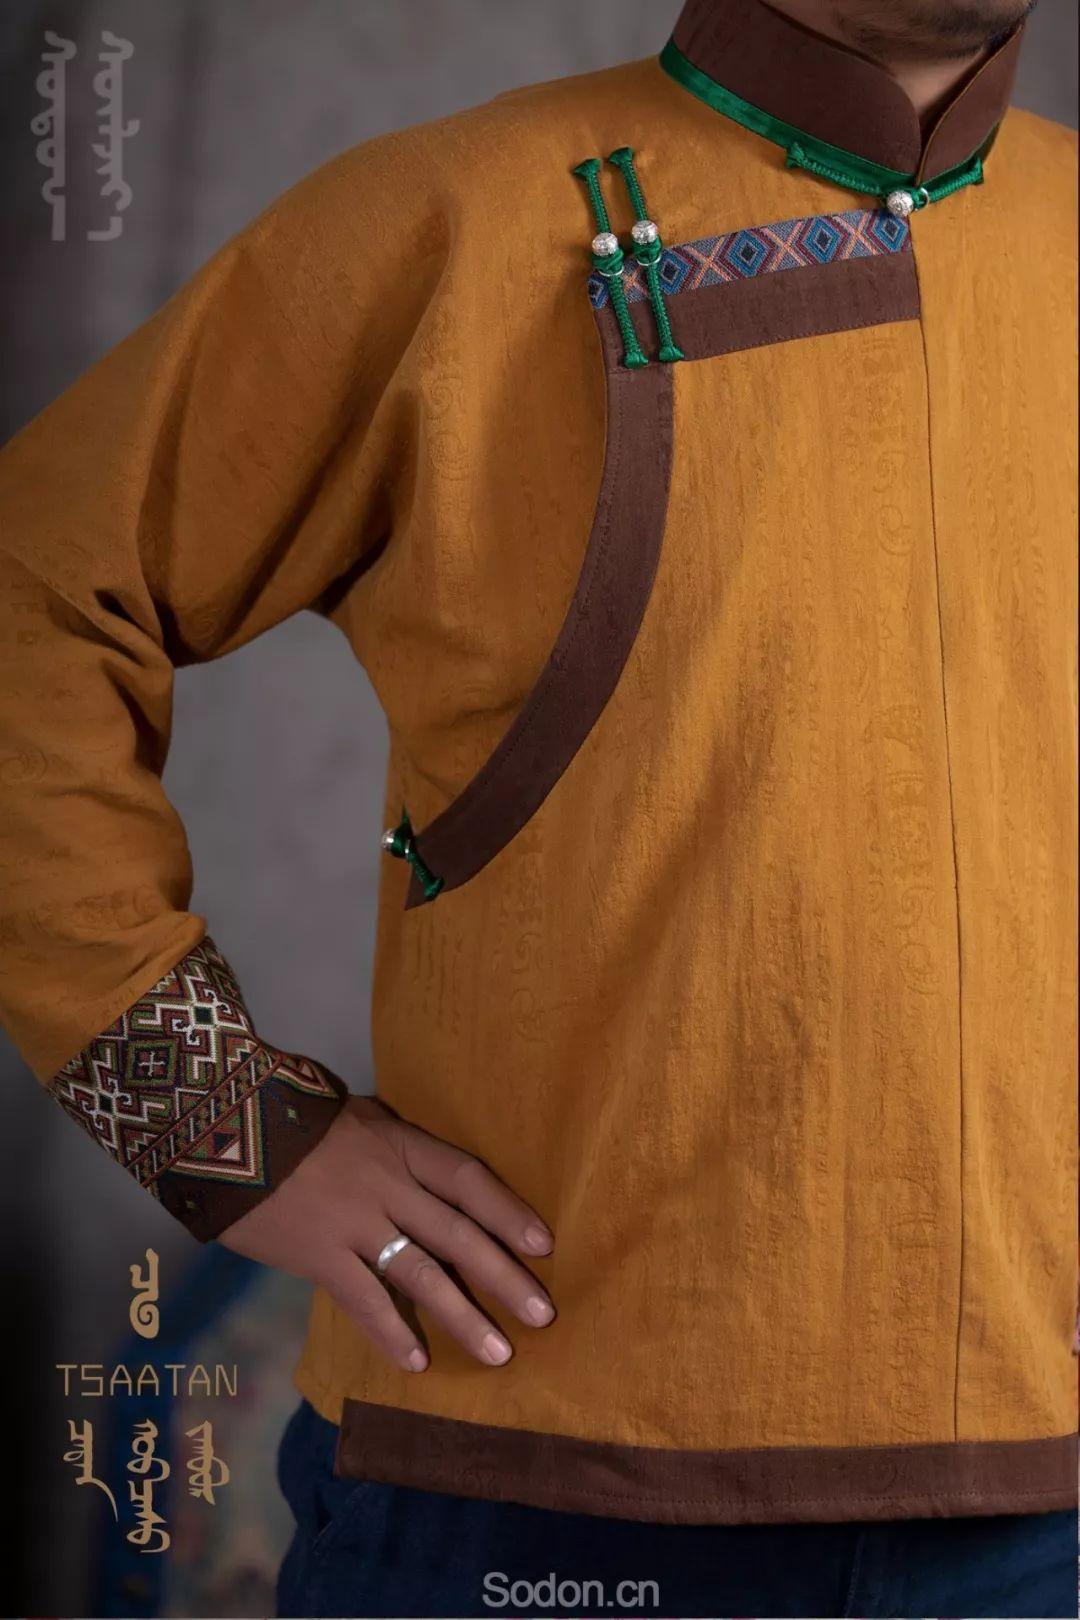 TSAATAN蒙古时装 2019新款,来自驯鹿人的独特魅力! 第47张